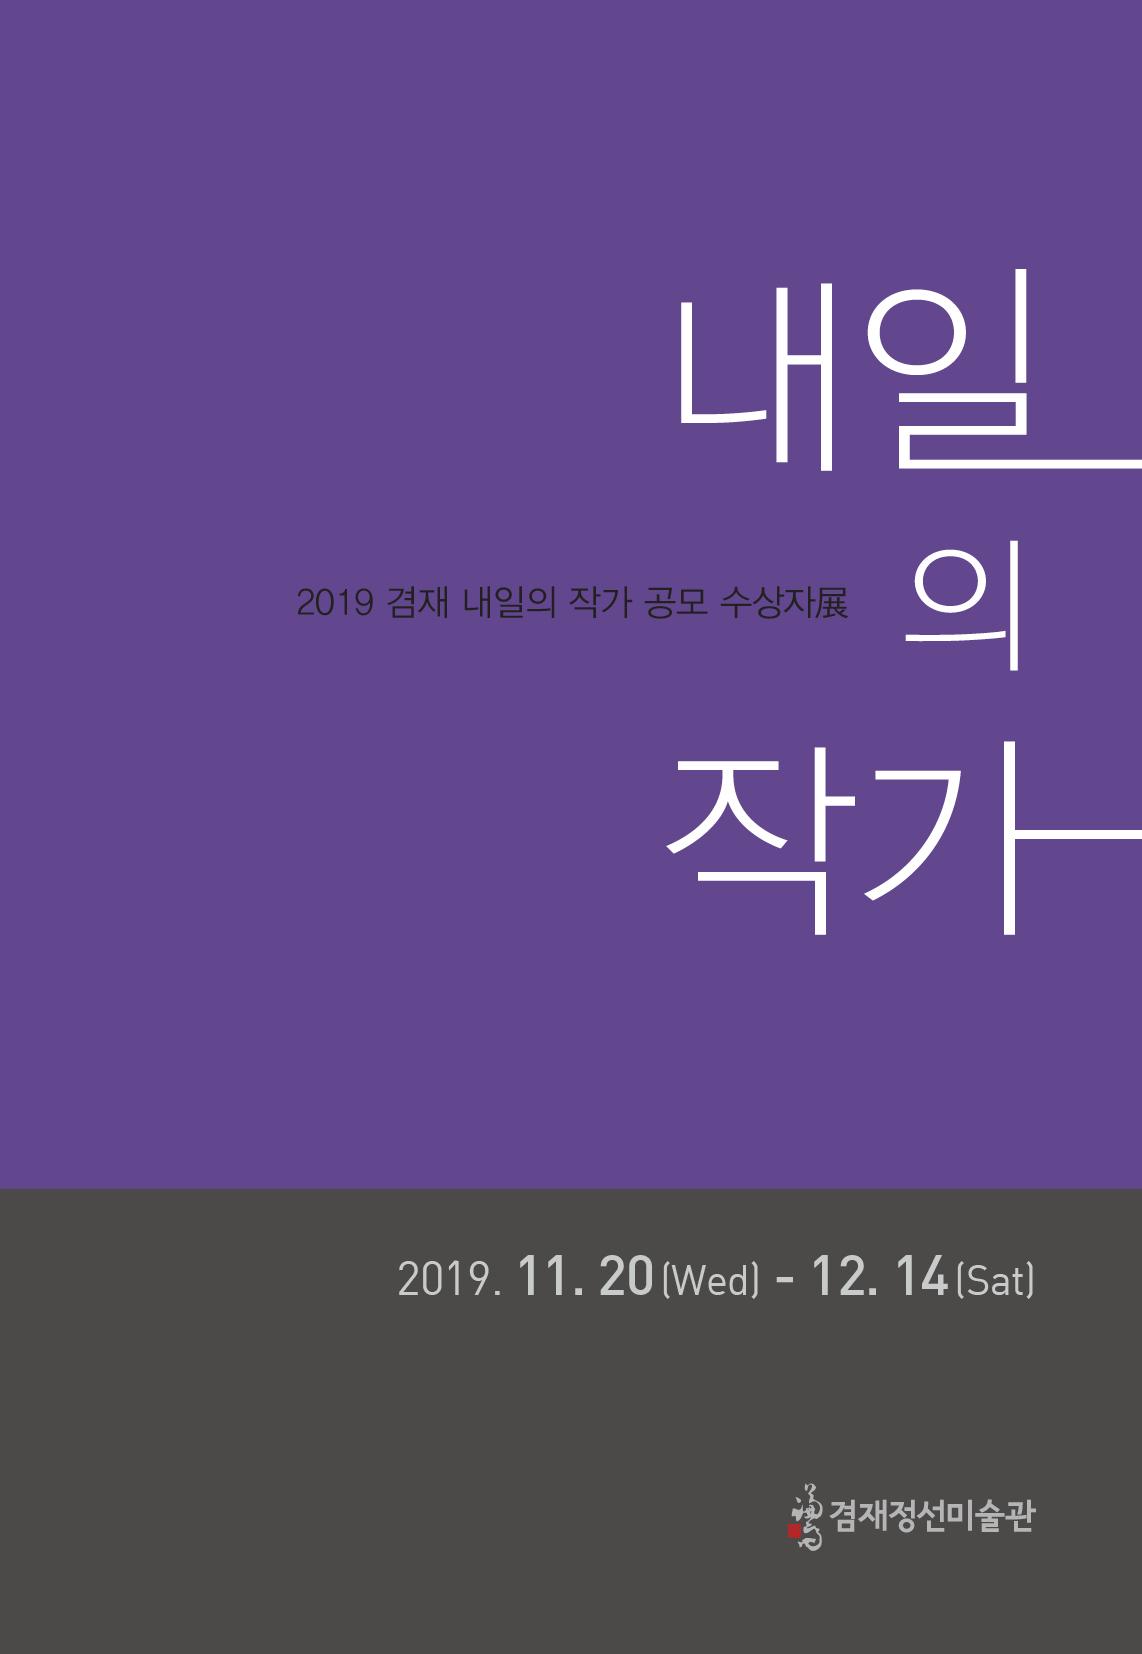 [전시] 2019 겸재 내일의 작가 展 (11. 20 - 12. 14), 자세한 내용은 첨부파일을 확인해주세요.